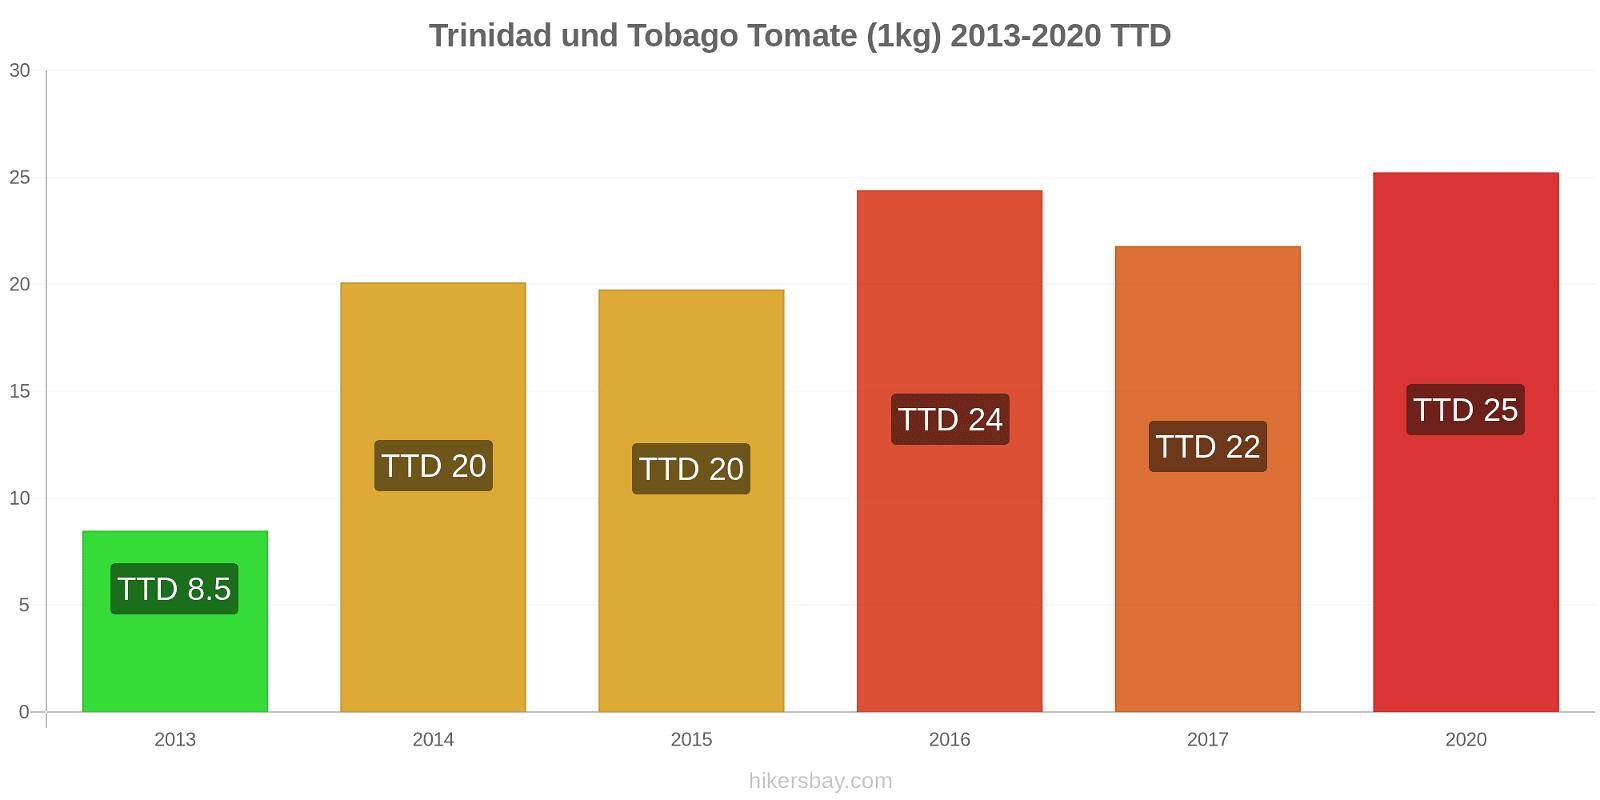 Trinidad und Tobago Preisänderungen Tomaten (1kg) hikersbay.com